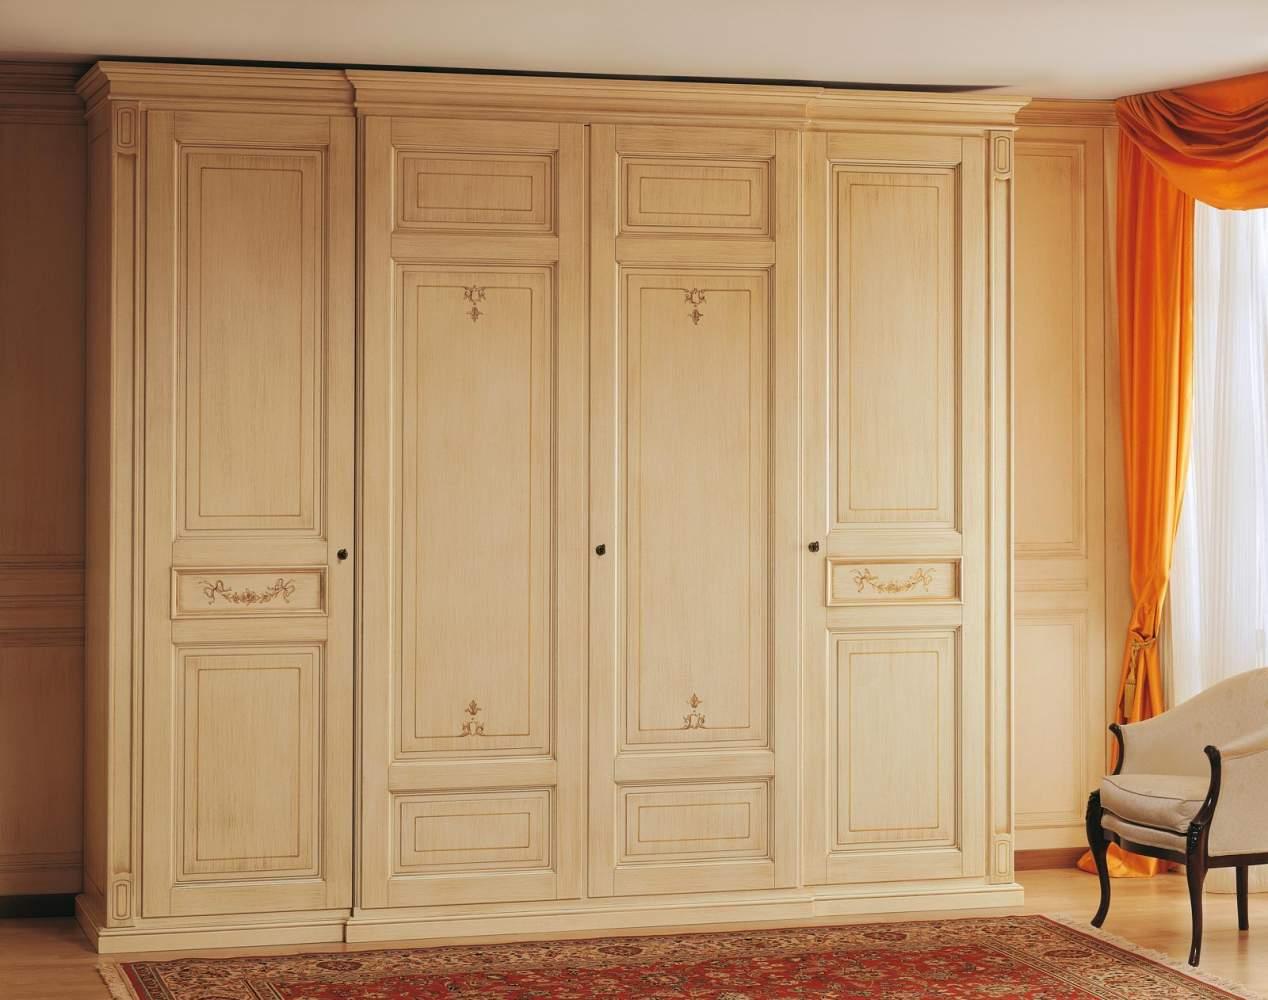 Classi wardrobe Canova